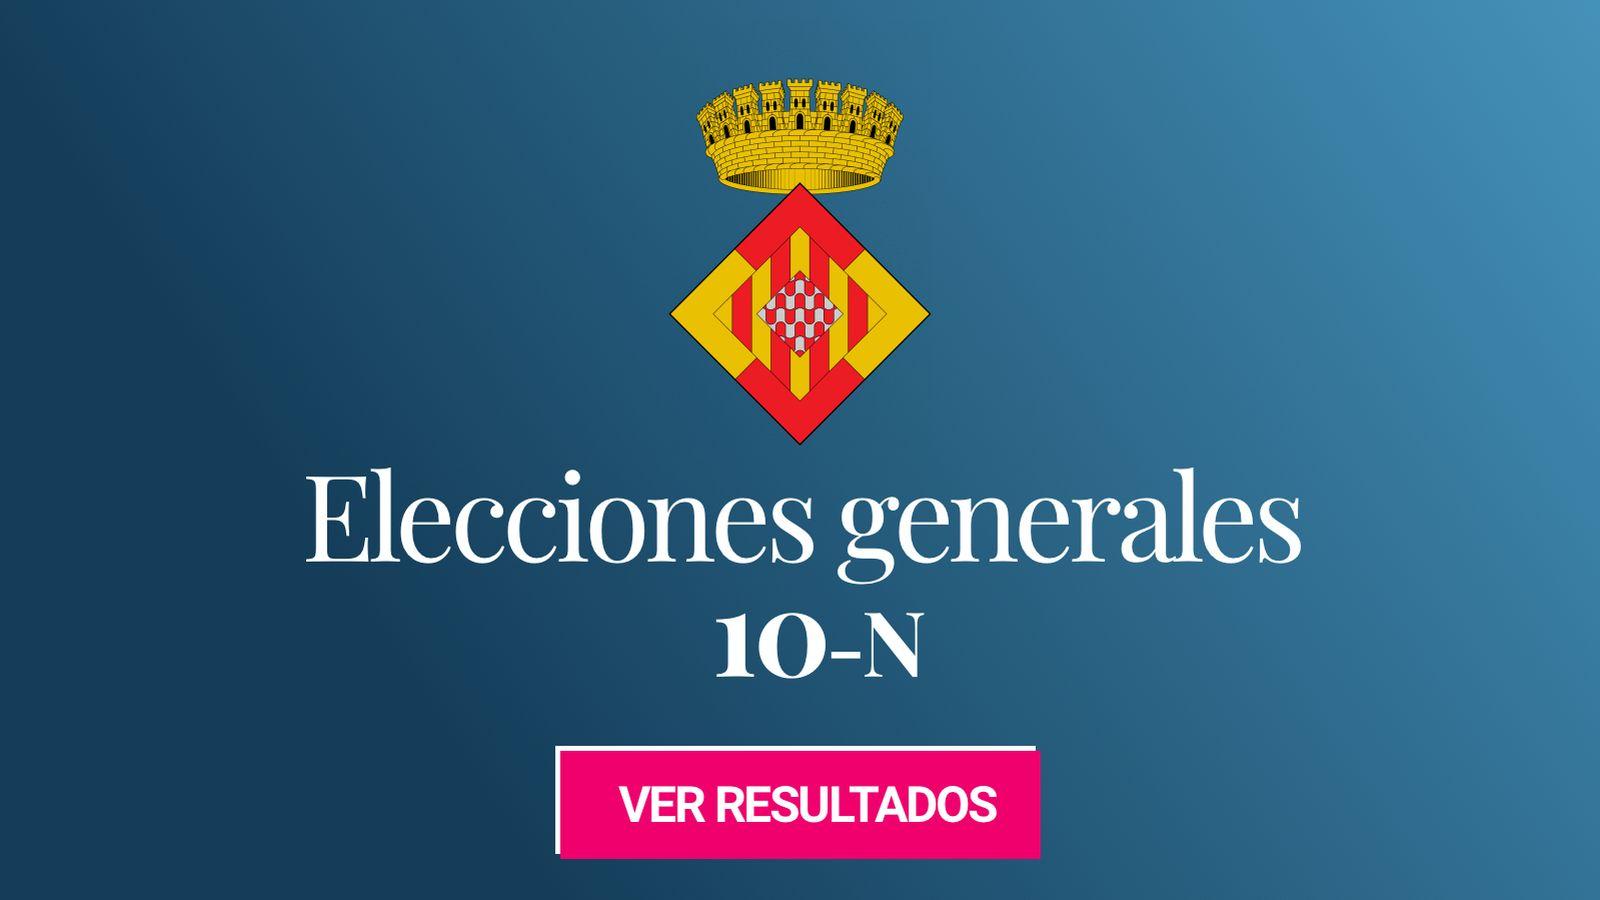 Foto: Elecciones generales 2019 en la provincia de Girona. (C.C./HansenBCN)